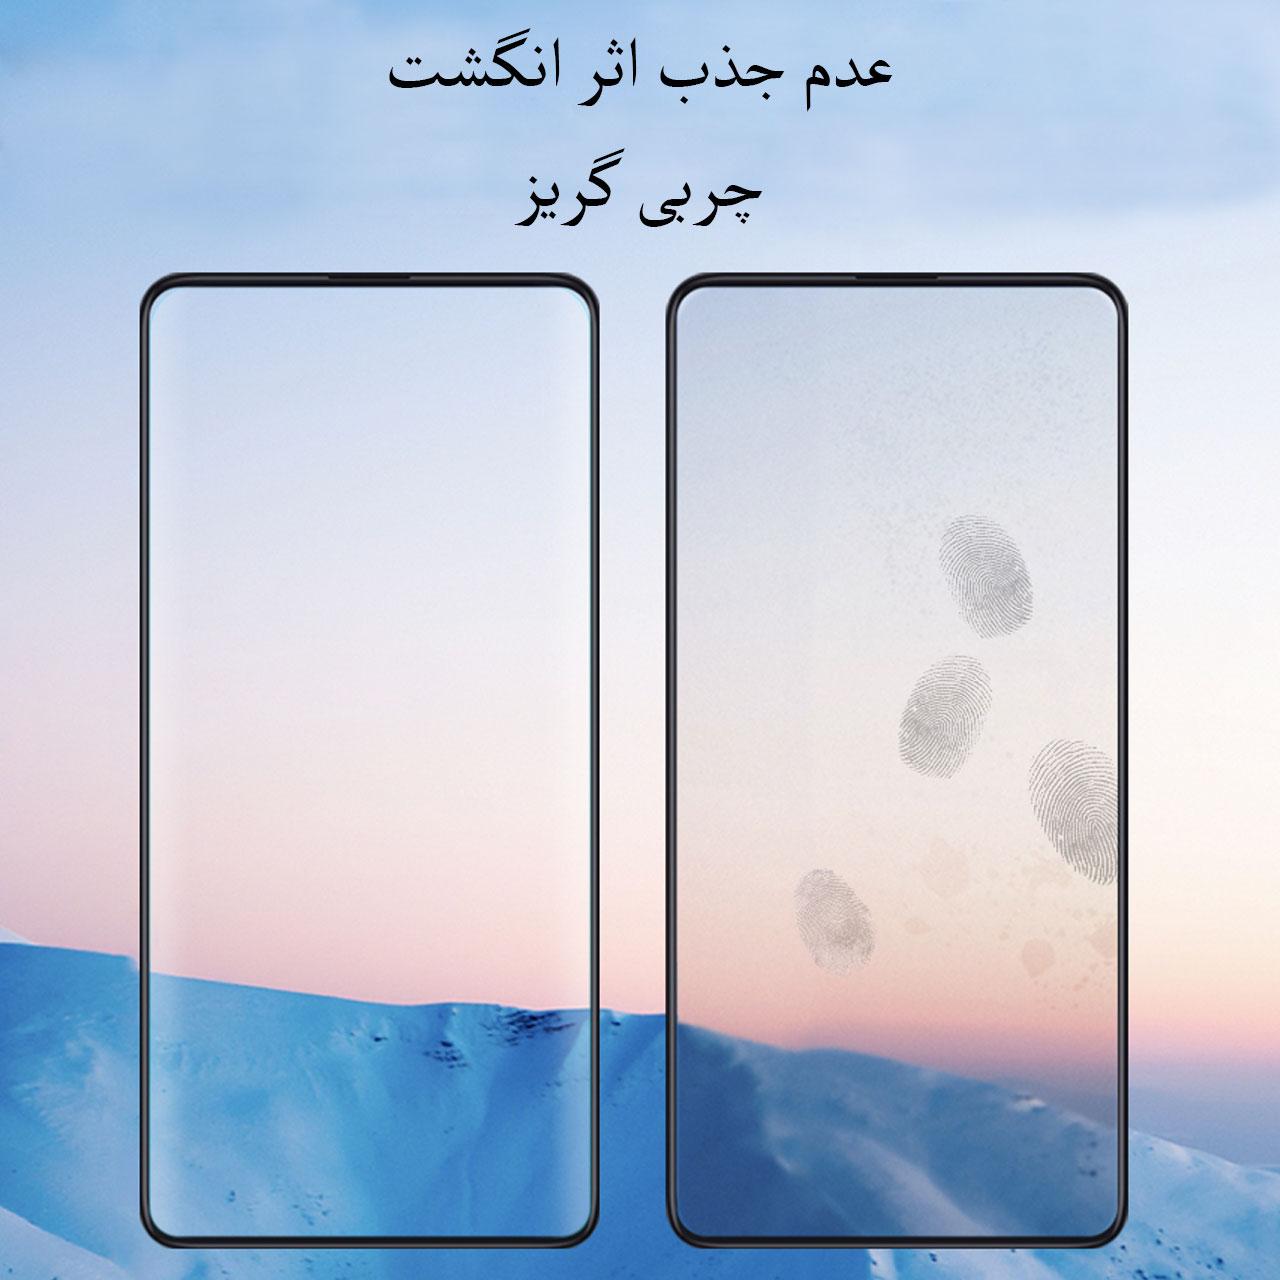 محافظ صفحه نمایش مدل FCG مناسب برای گوشی موبایل شیائومی Mi 9T Pro main 1 1